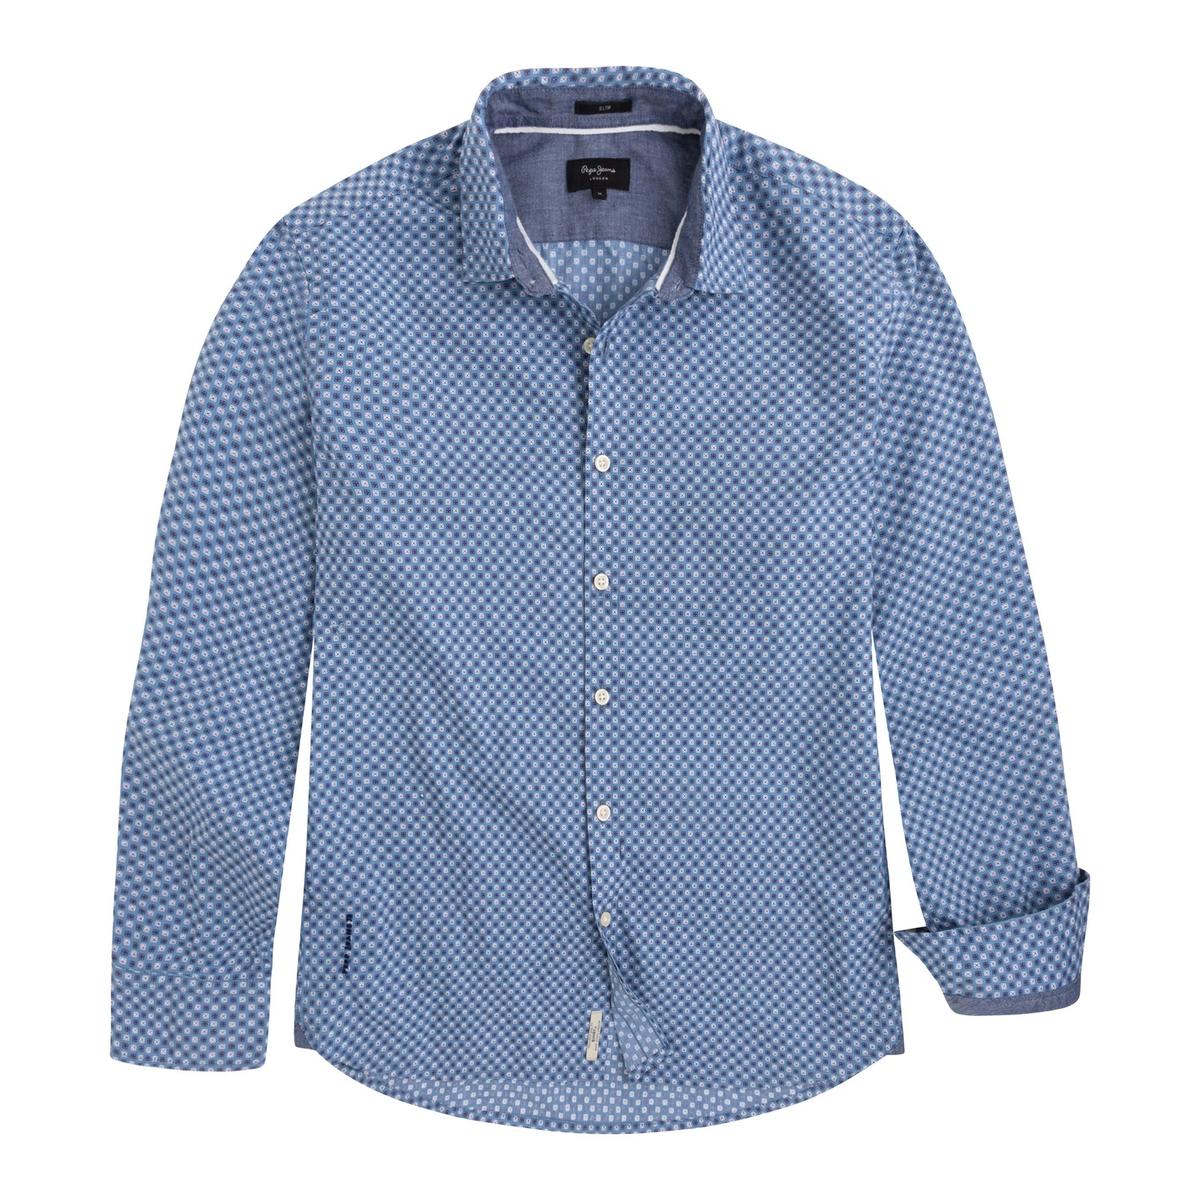 Camisa MAYWARD recta y estampada, 100% algodón